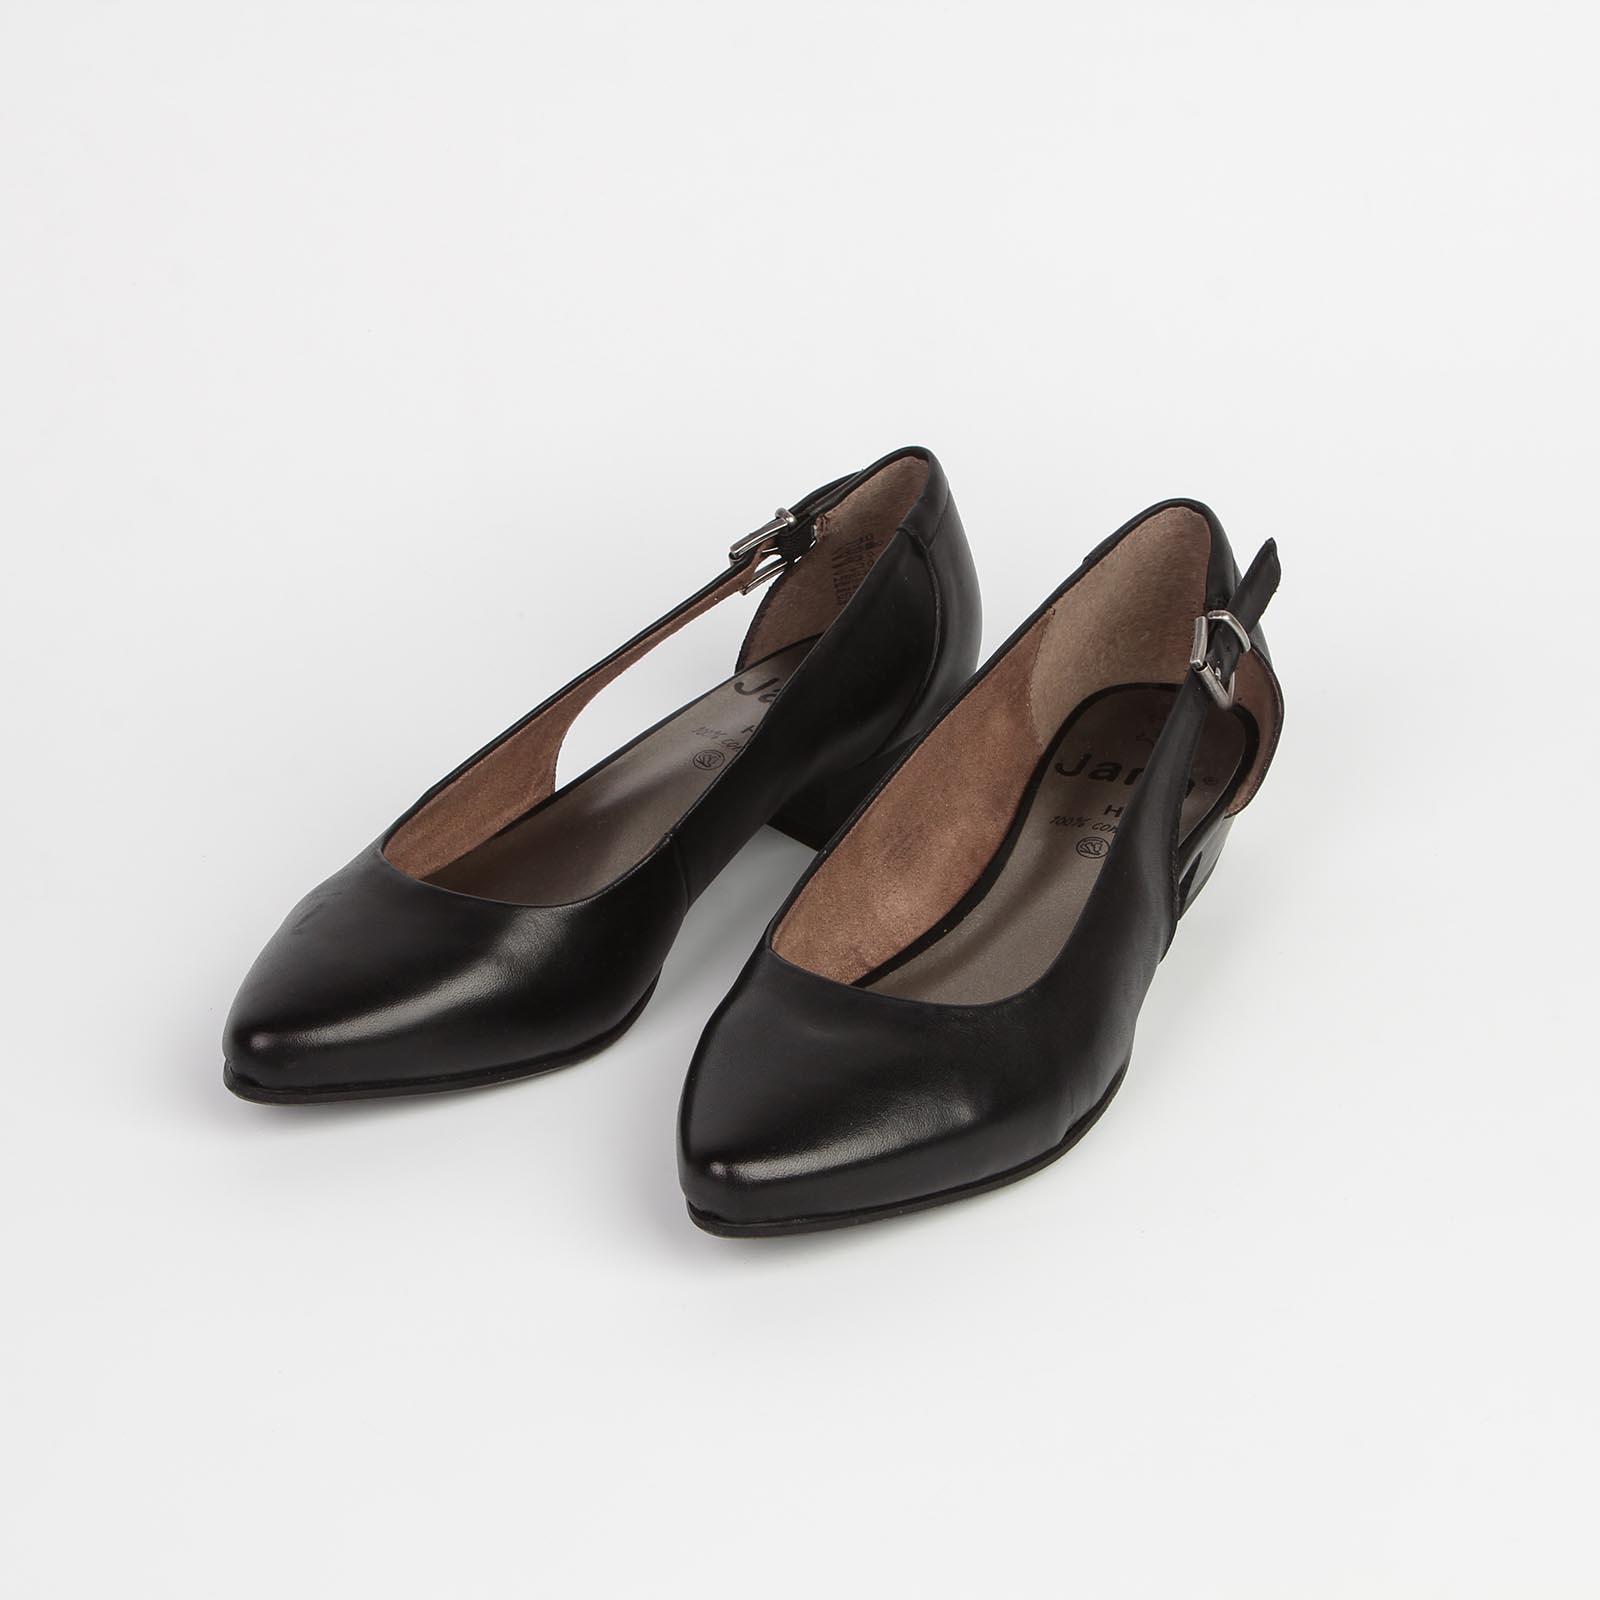 Туфли женские из натуральной кожи с регулируемым ремешком на боку